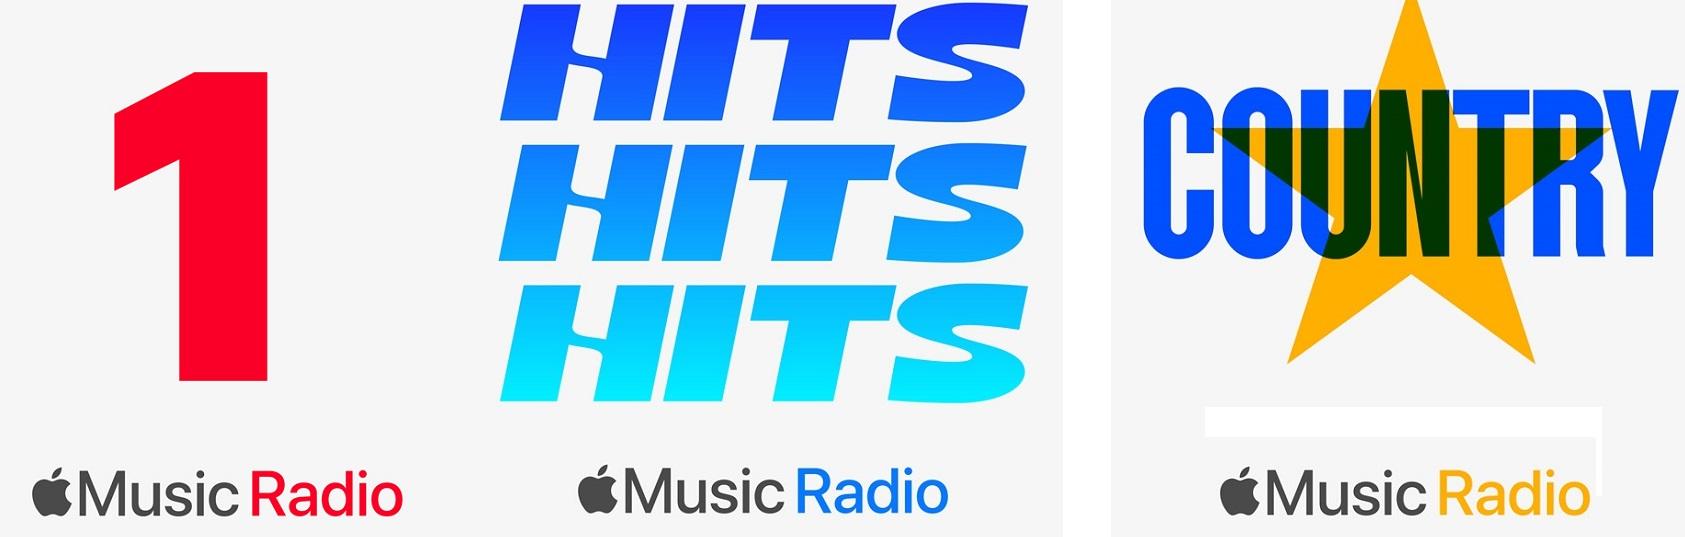 Apple 1 - Radio 4.0. Apple rebrandizza Beats 1 e lancia due stazioni IP con conduzioni: oldies e country. La Radio IP è ritenuta matura per il pubblico adulto